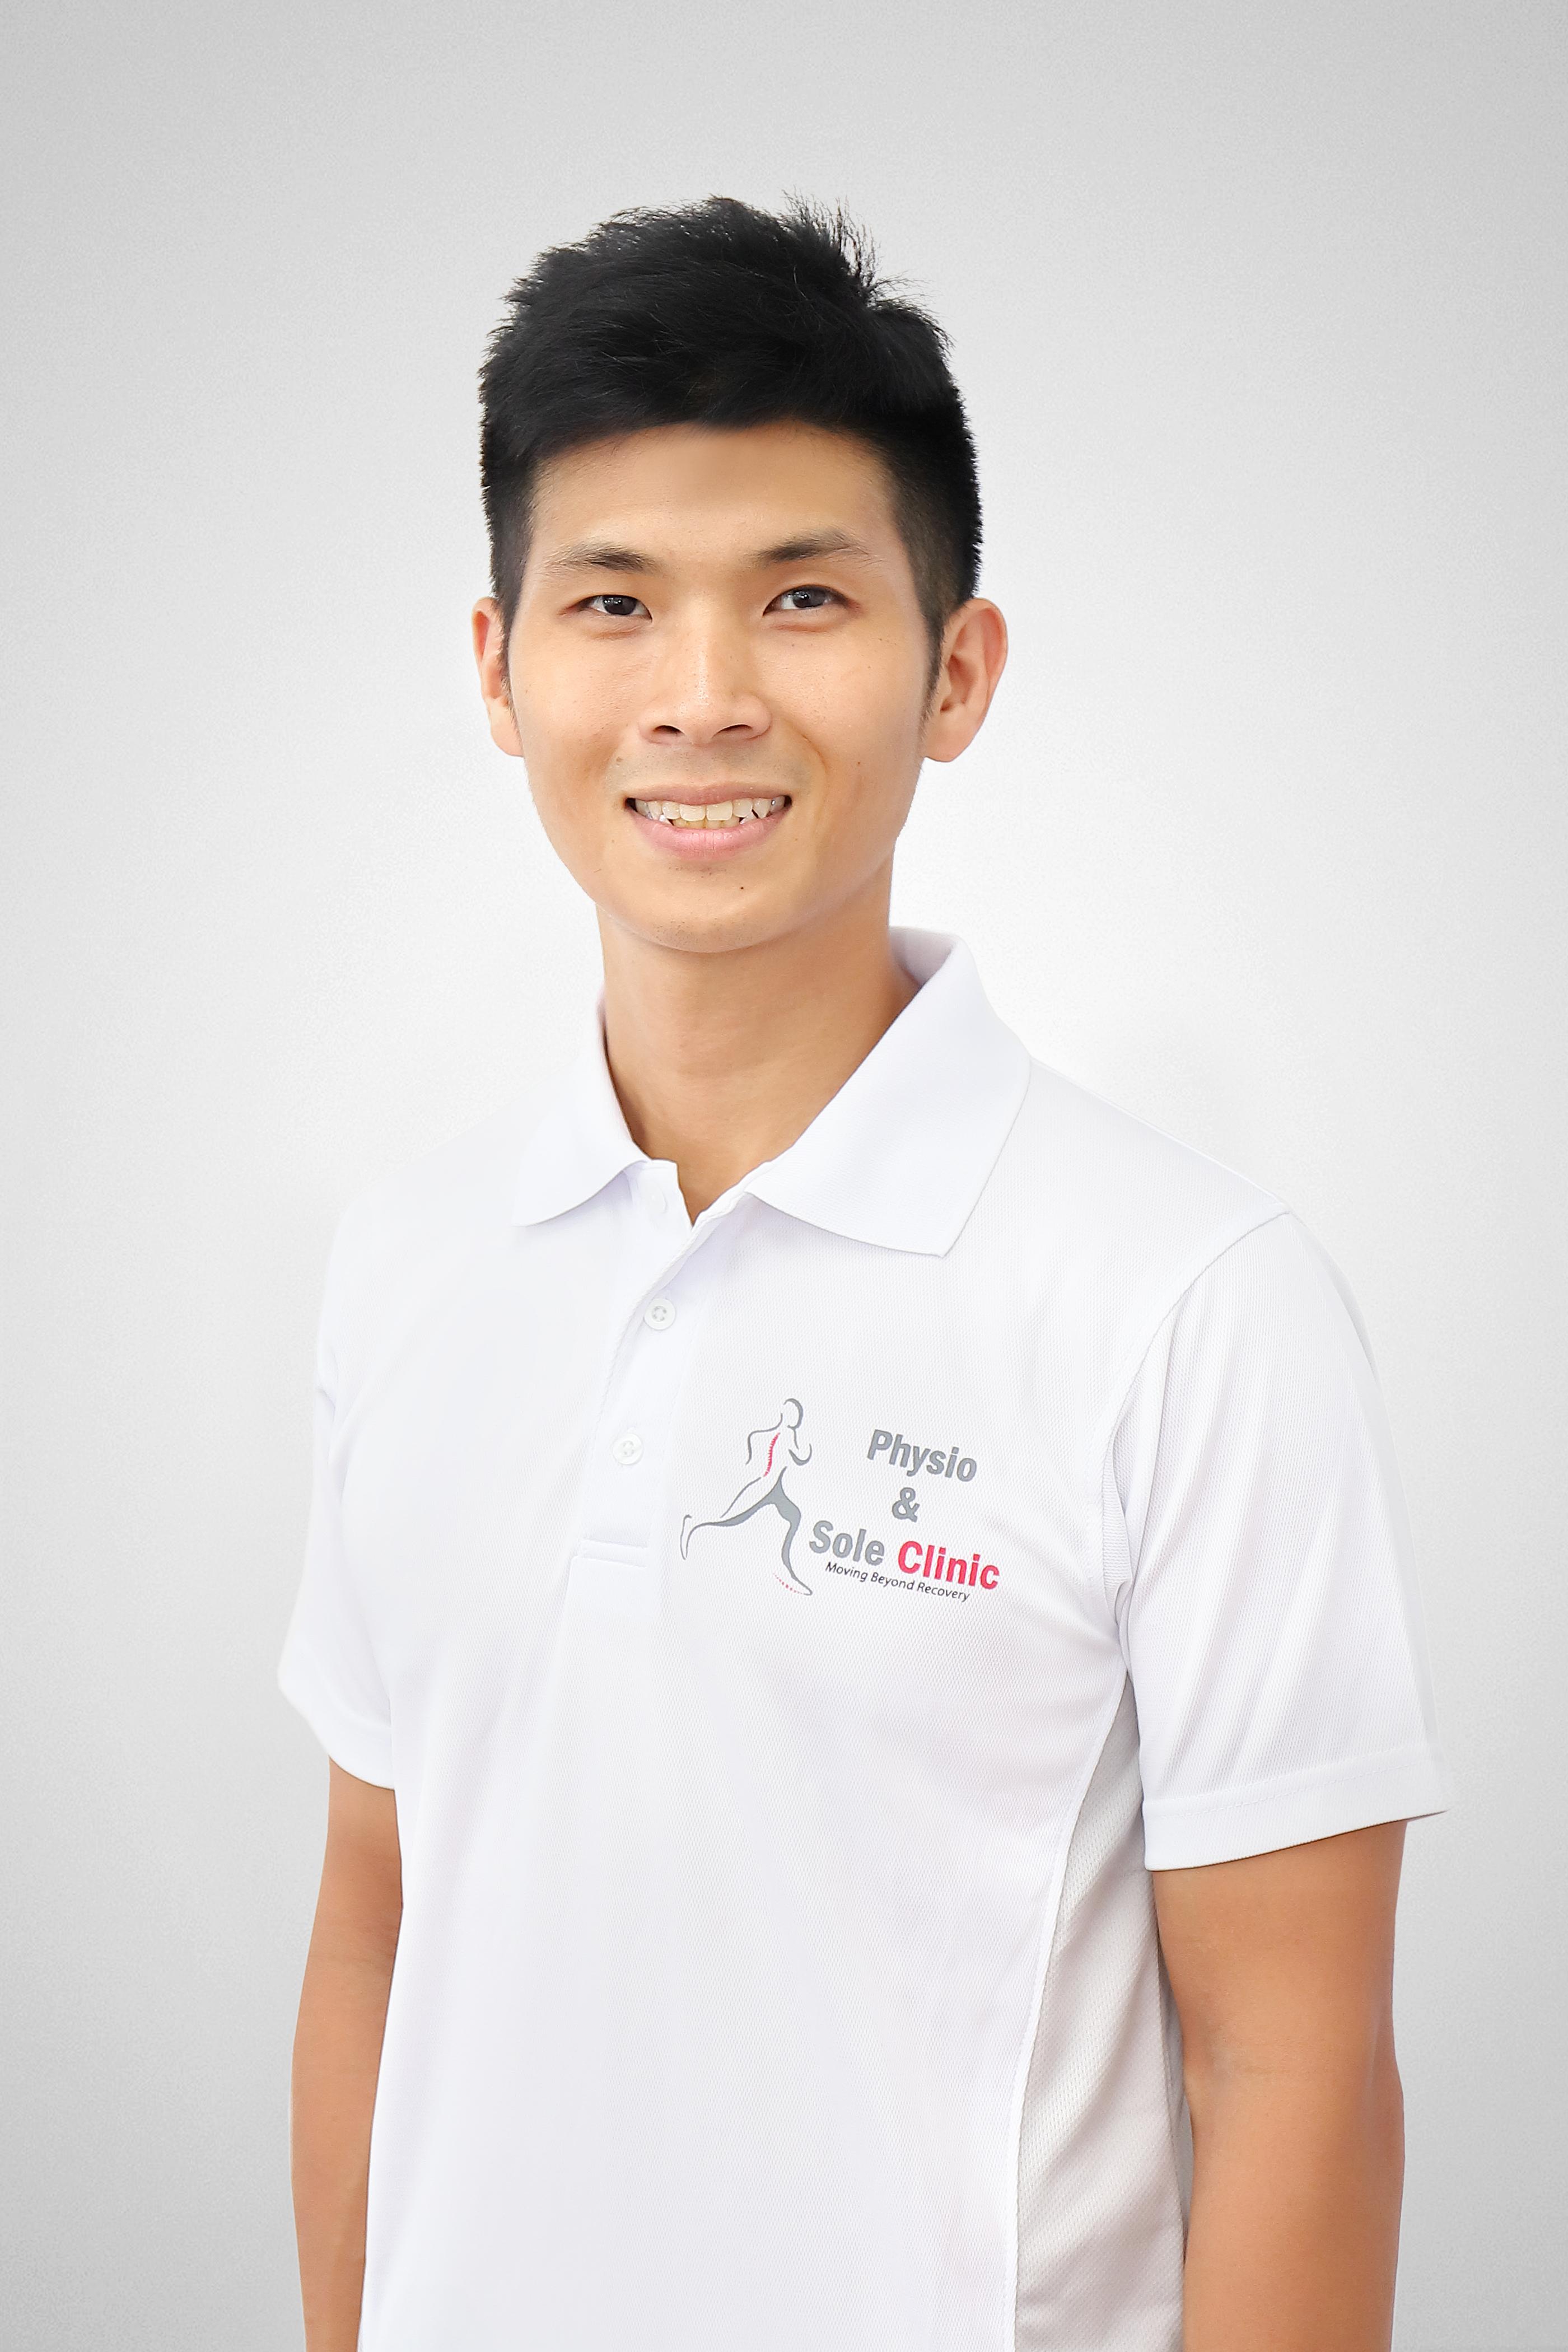 Mok Yan Jie Jeremy